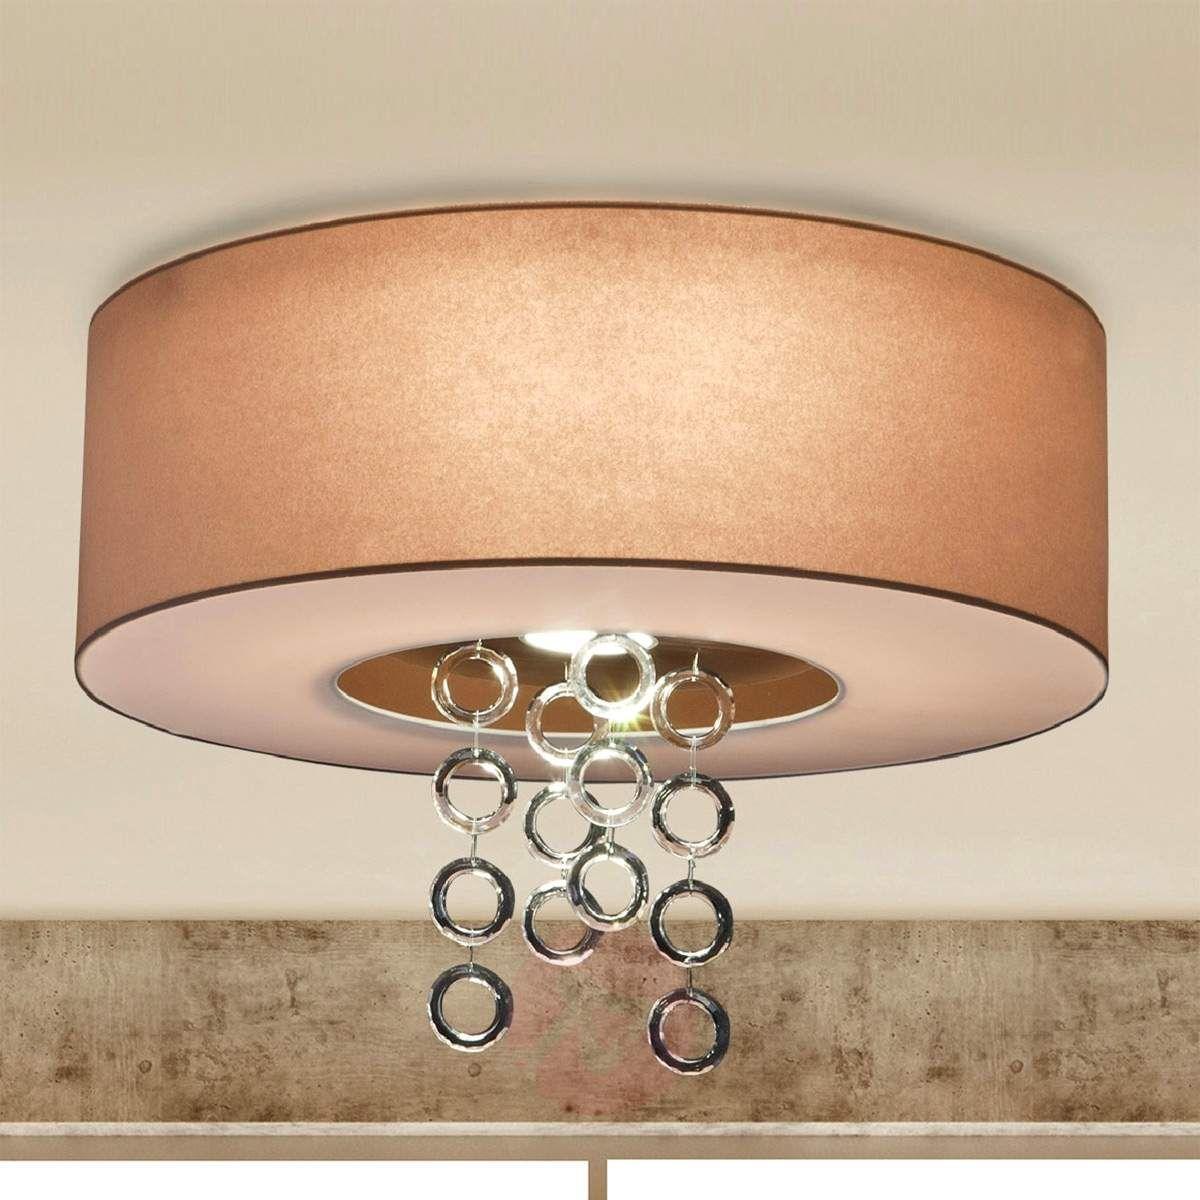 Lampa Sufitowa Ikarus Z Obreczami Lampy Nowoczesny I Led